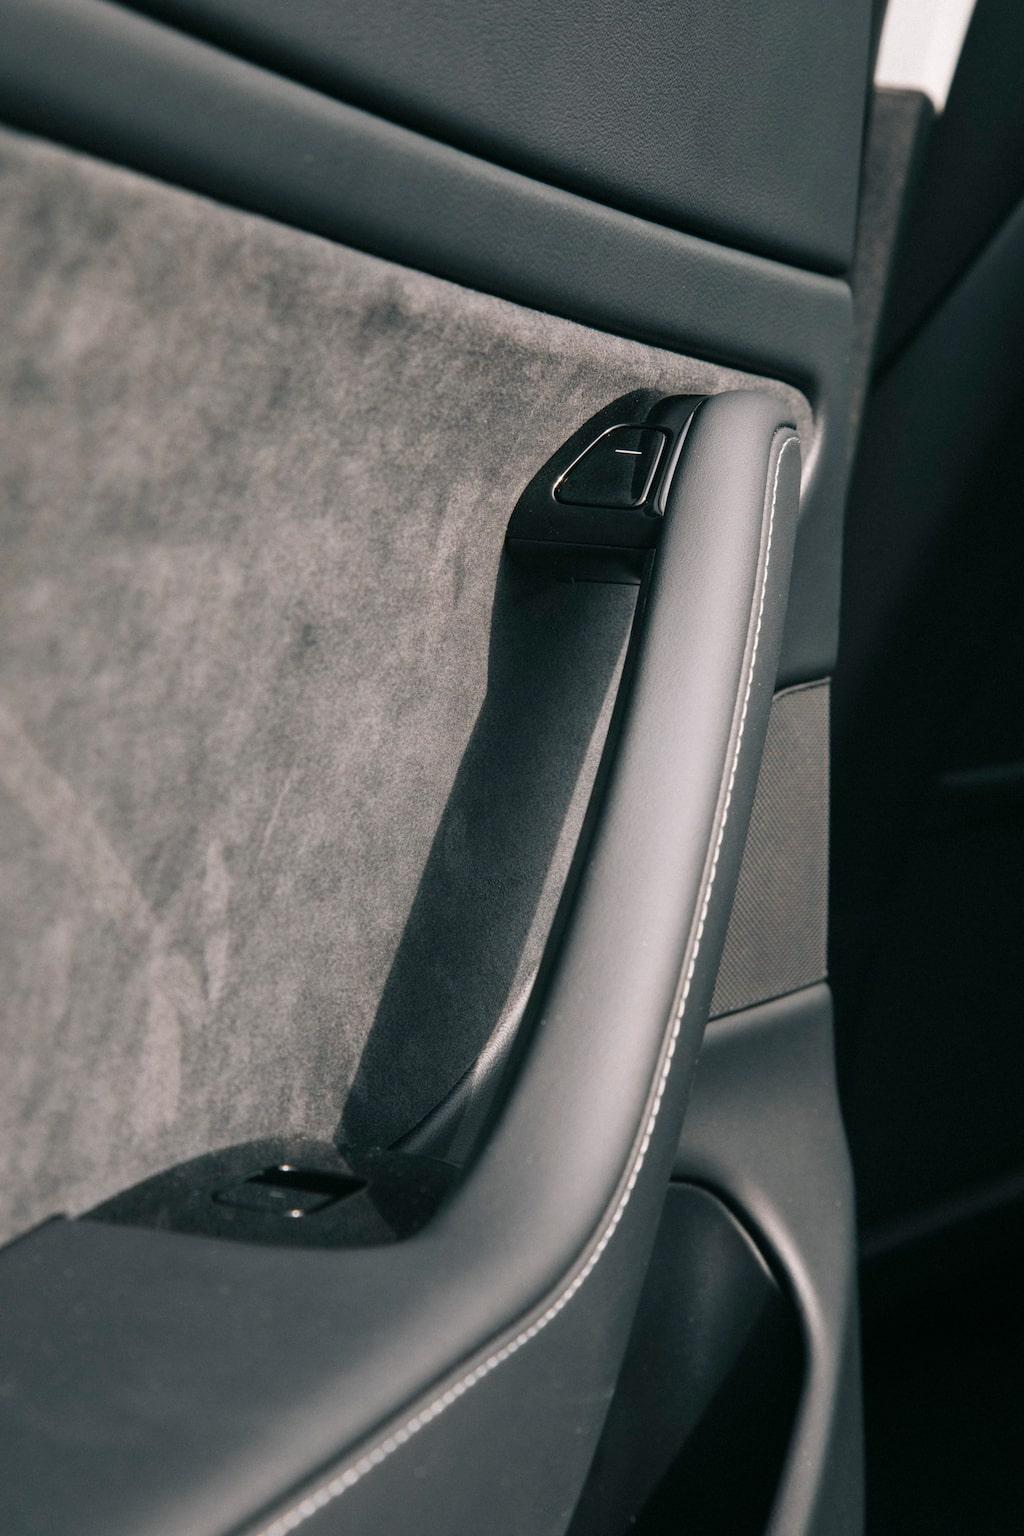 I Tesla Model 3 öppnar du dörren med knappen högst upp på dörrens armstöd.